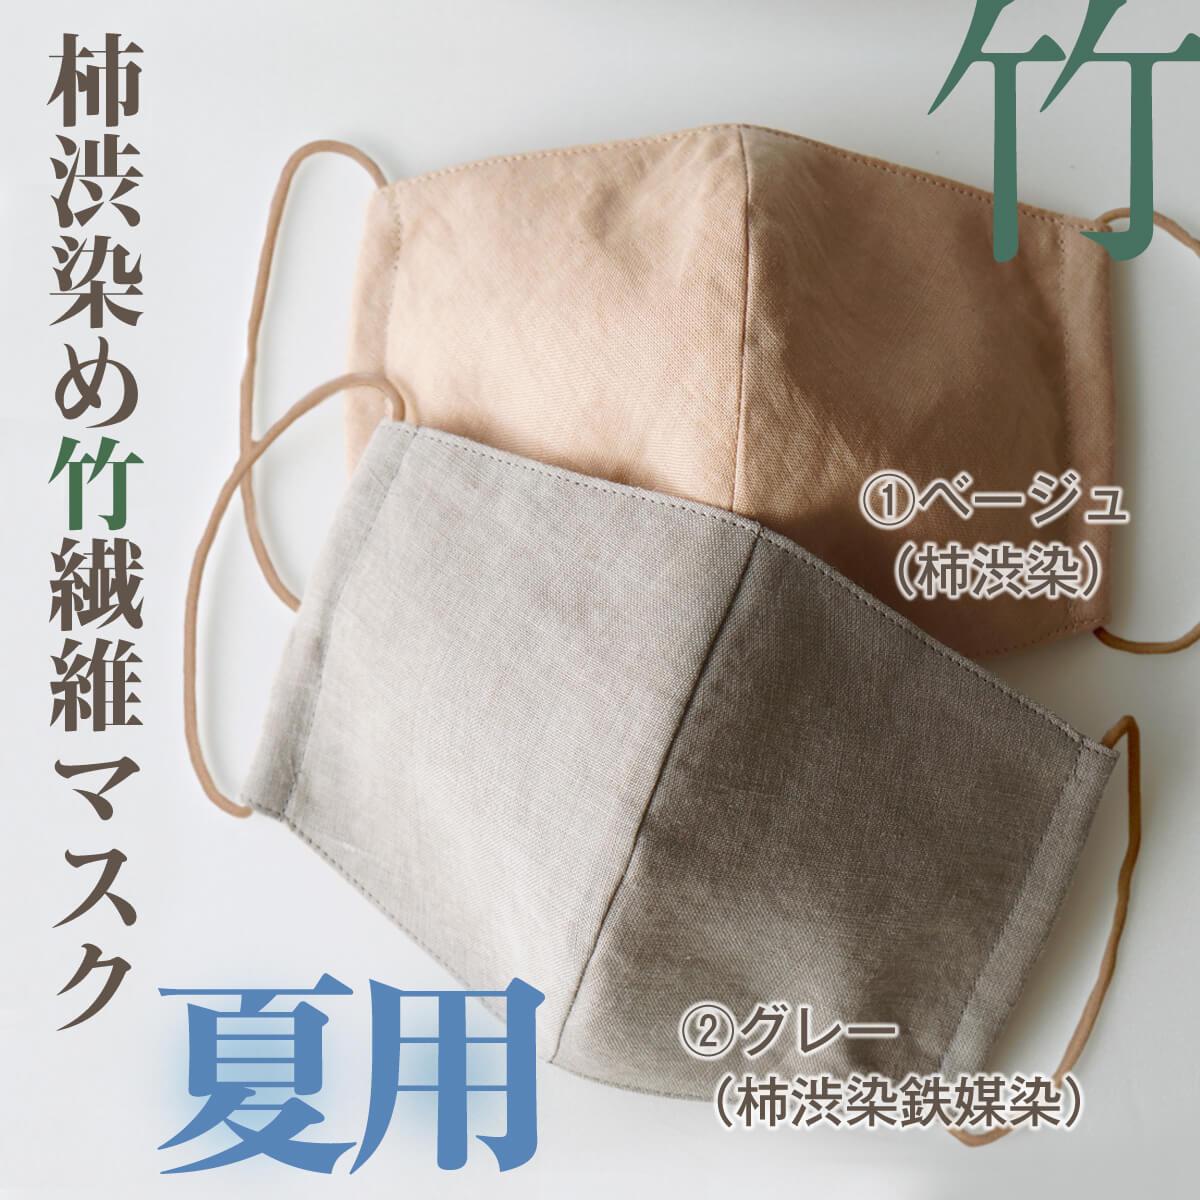 【夏用】柿渋染め洗える竹マスク 立体タイプ